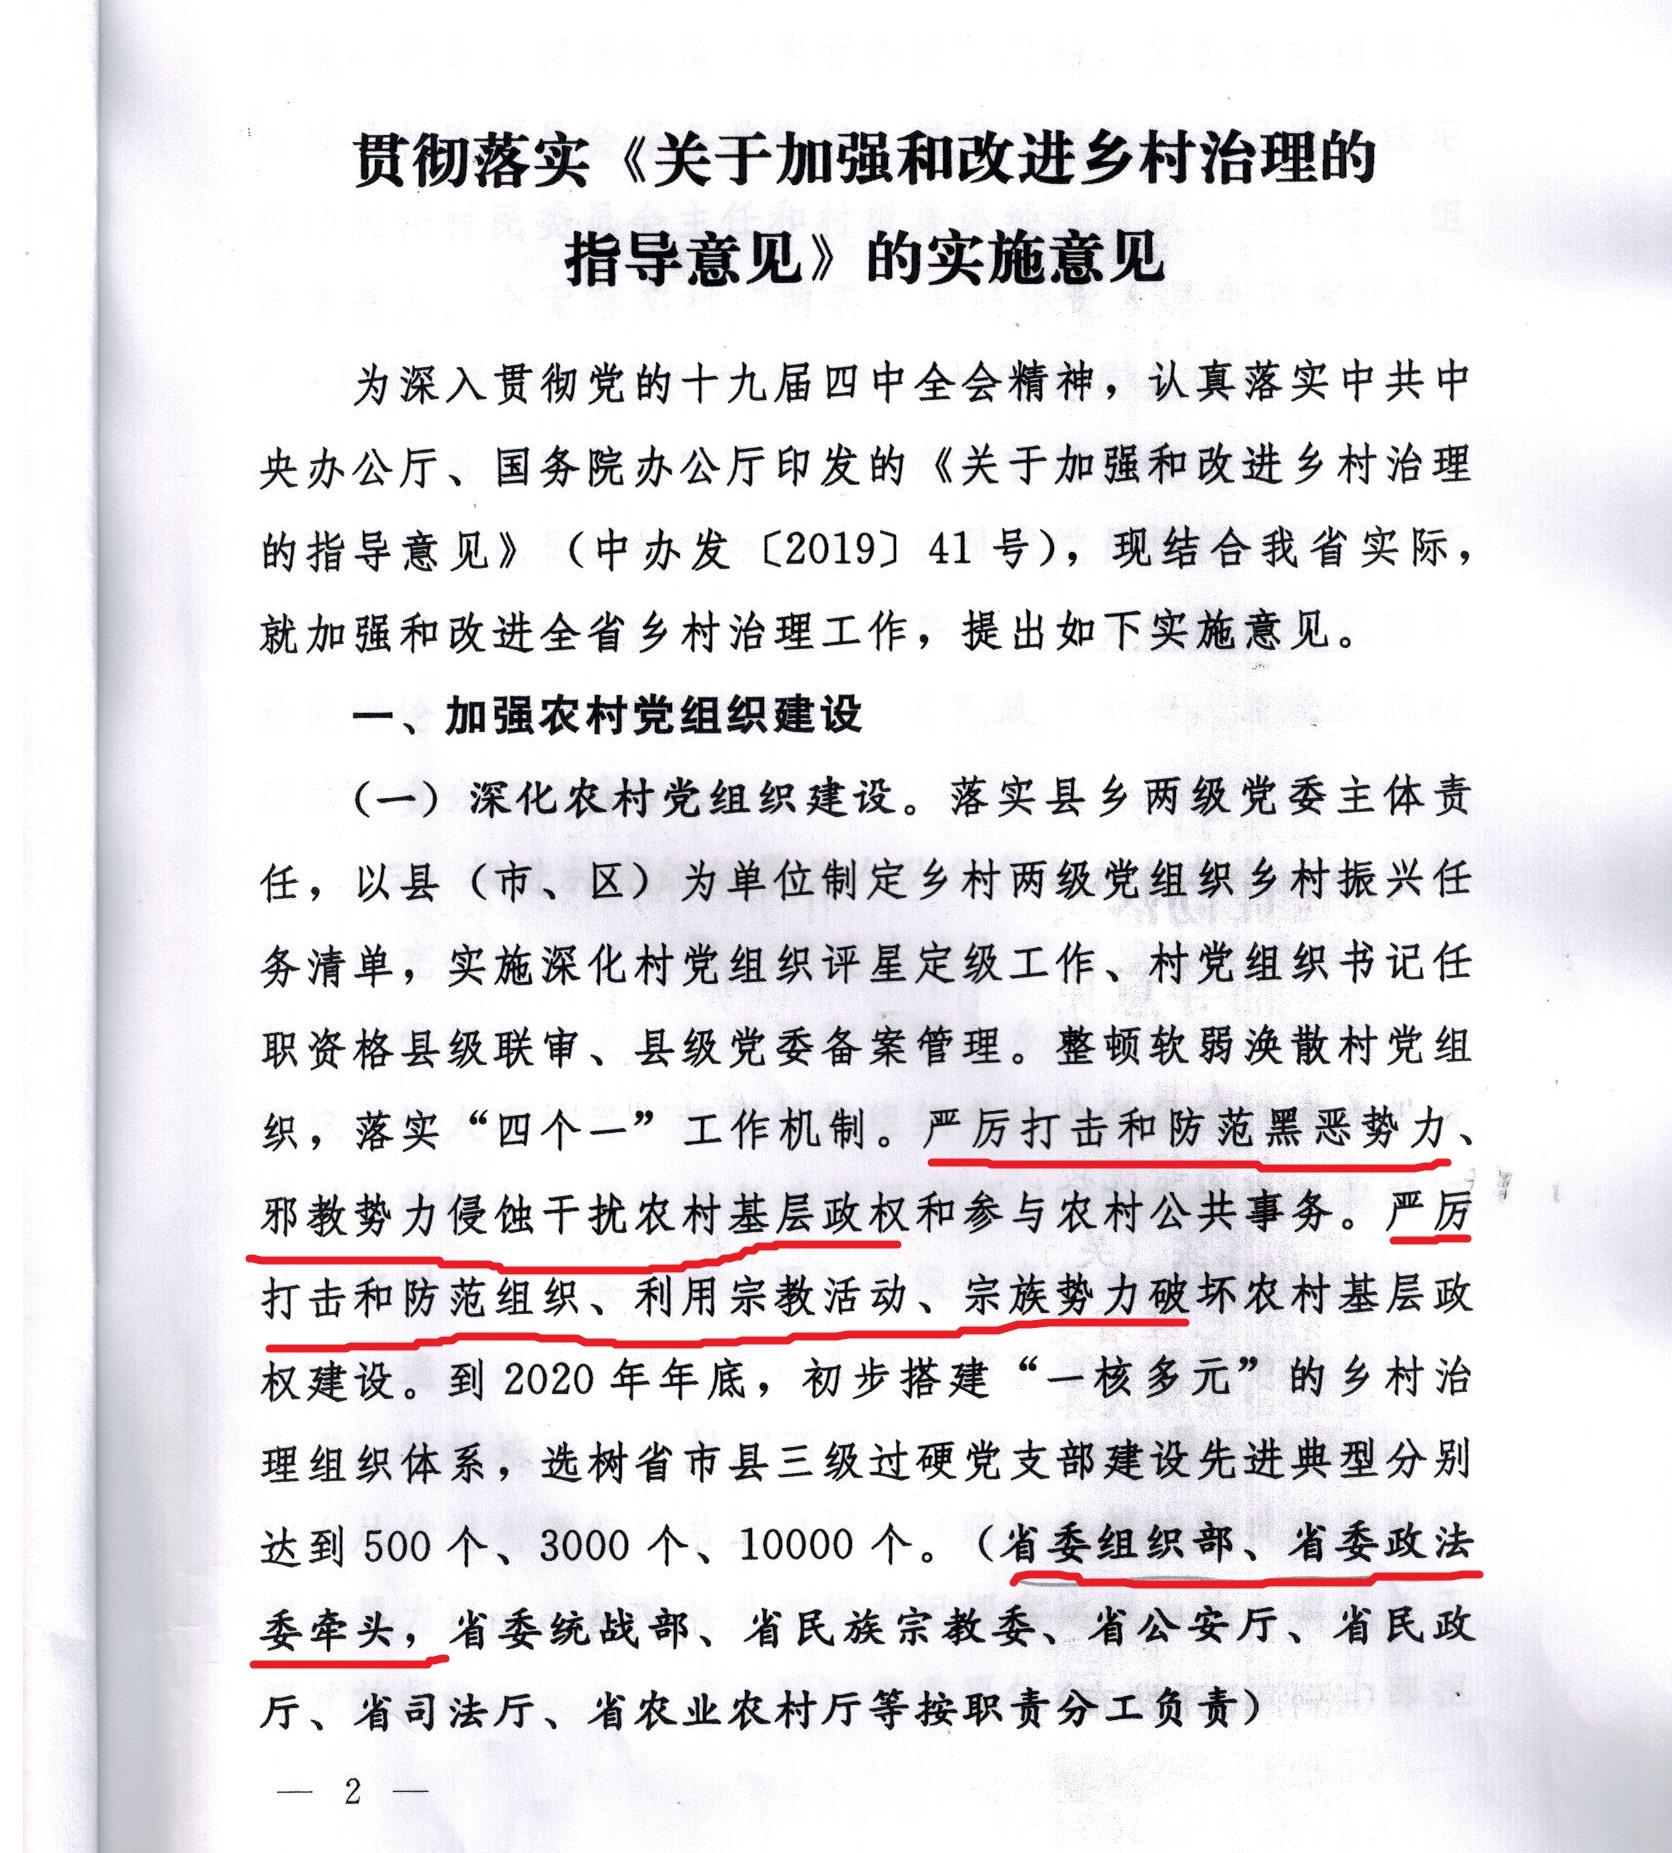 大陆山东文件曝光 泄露政法委分工和打击重点